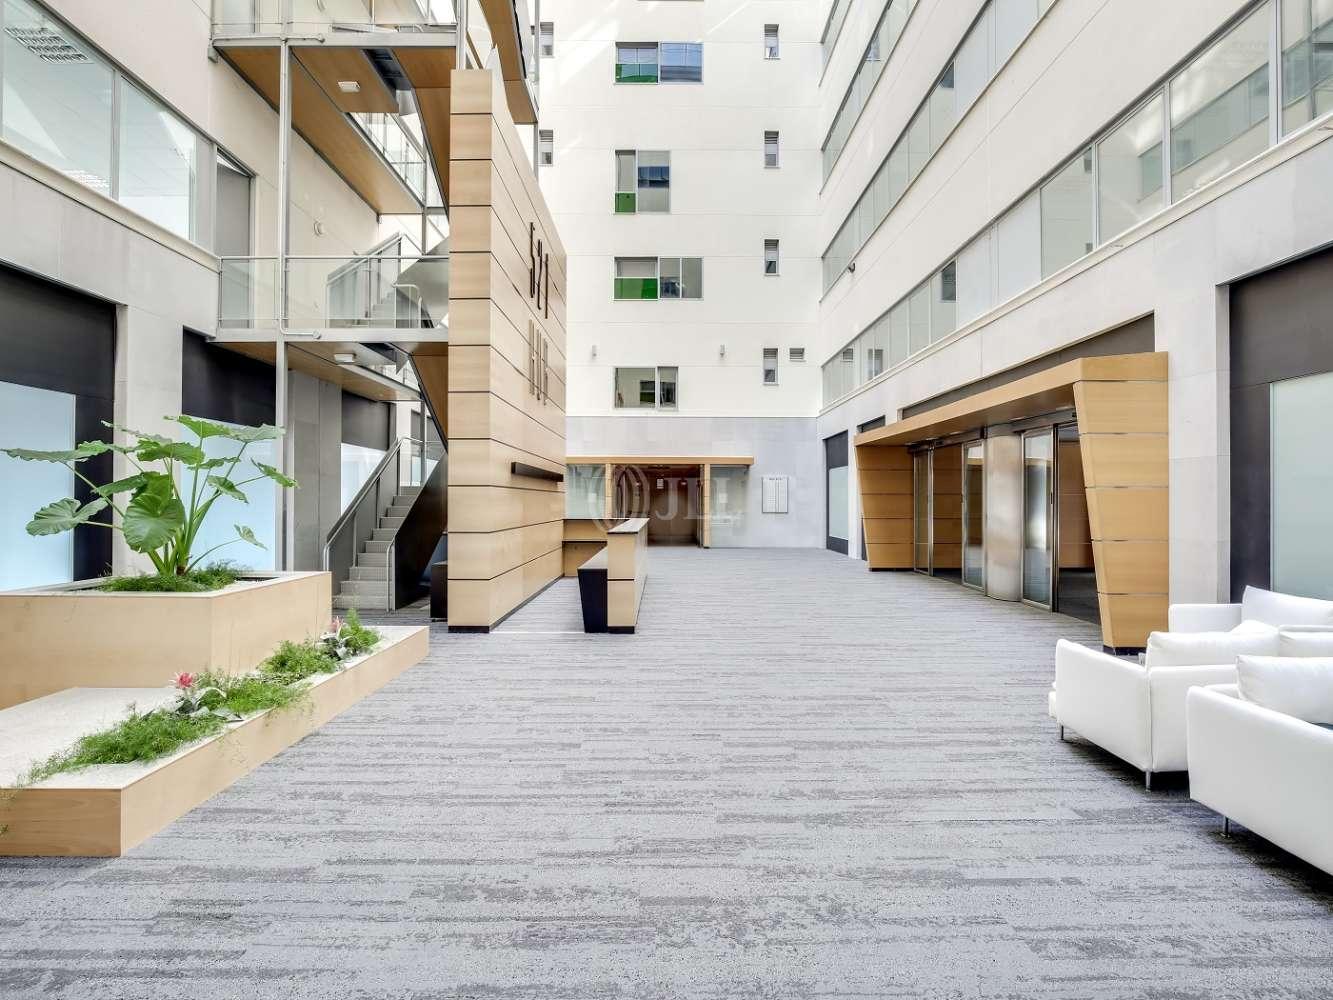 Oficina Rivas-vaciamadrid, 28521 - 521 Hub. Edificio 1 - 14524